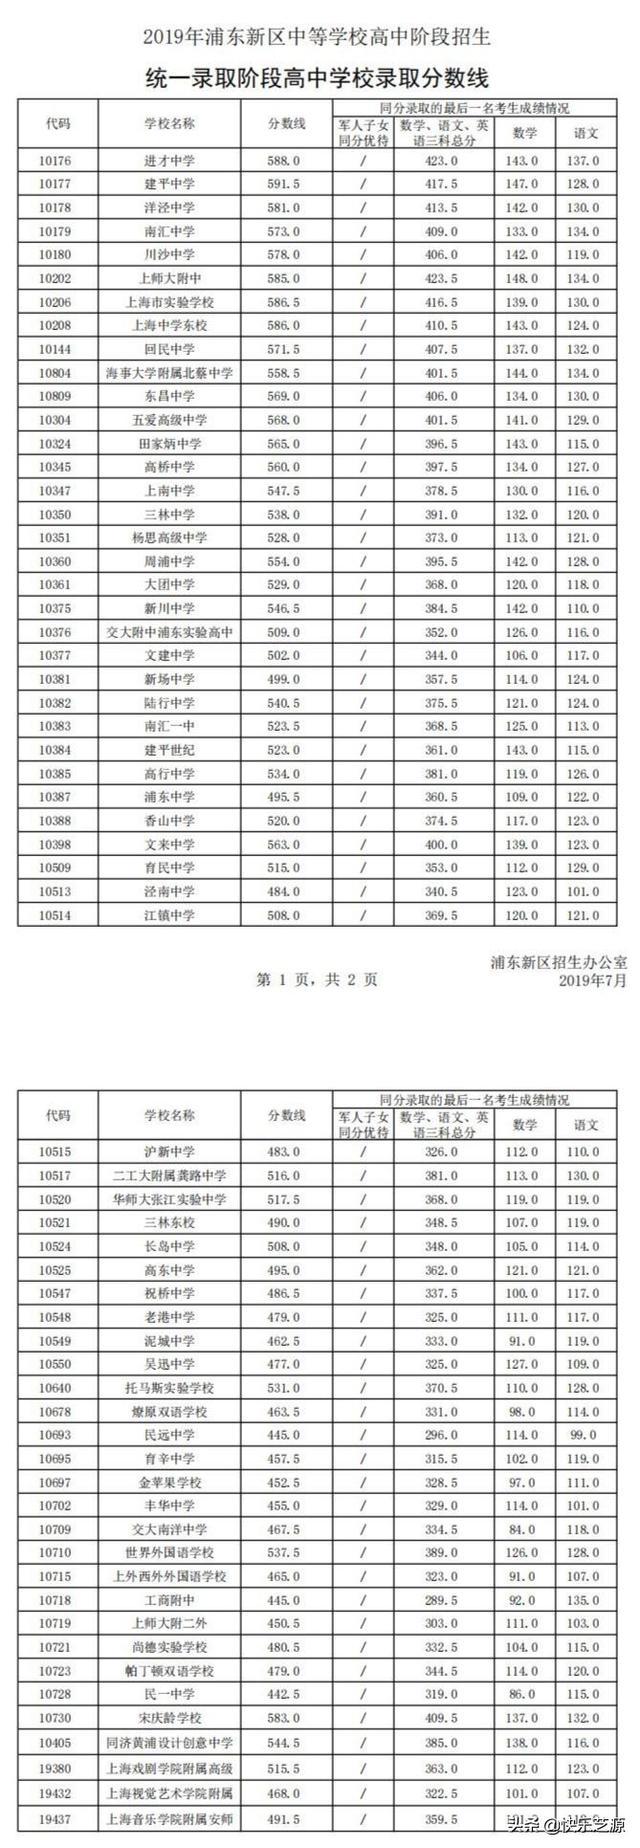 上海各区高中录取分数线有永和竟多校无人报2017一区录取高中分数线图片